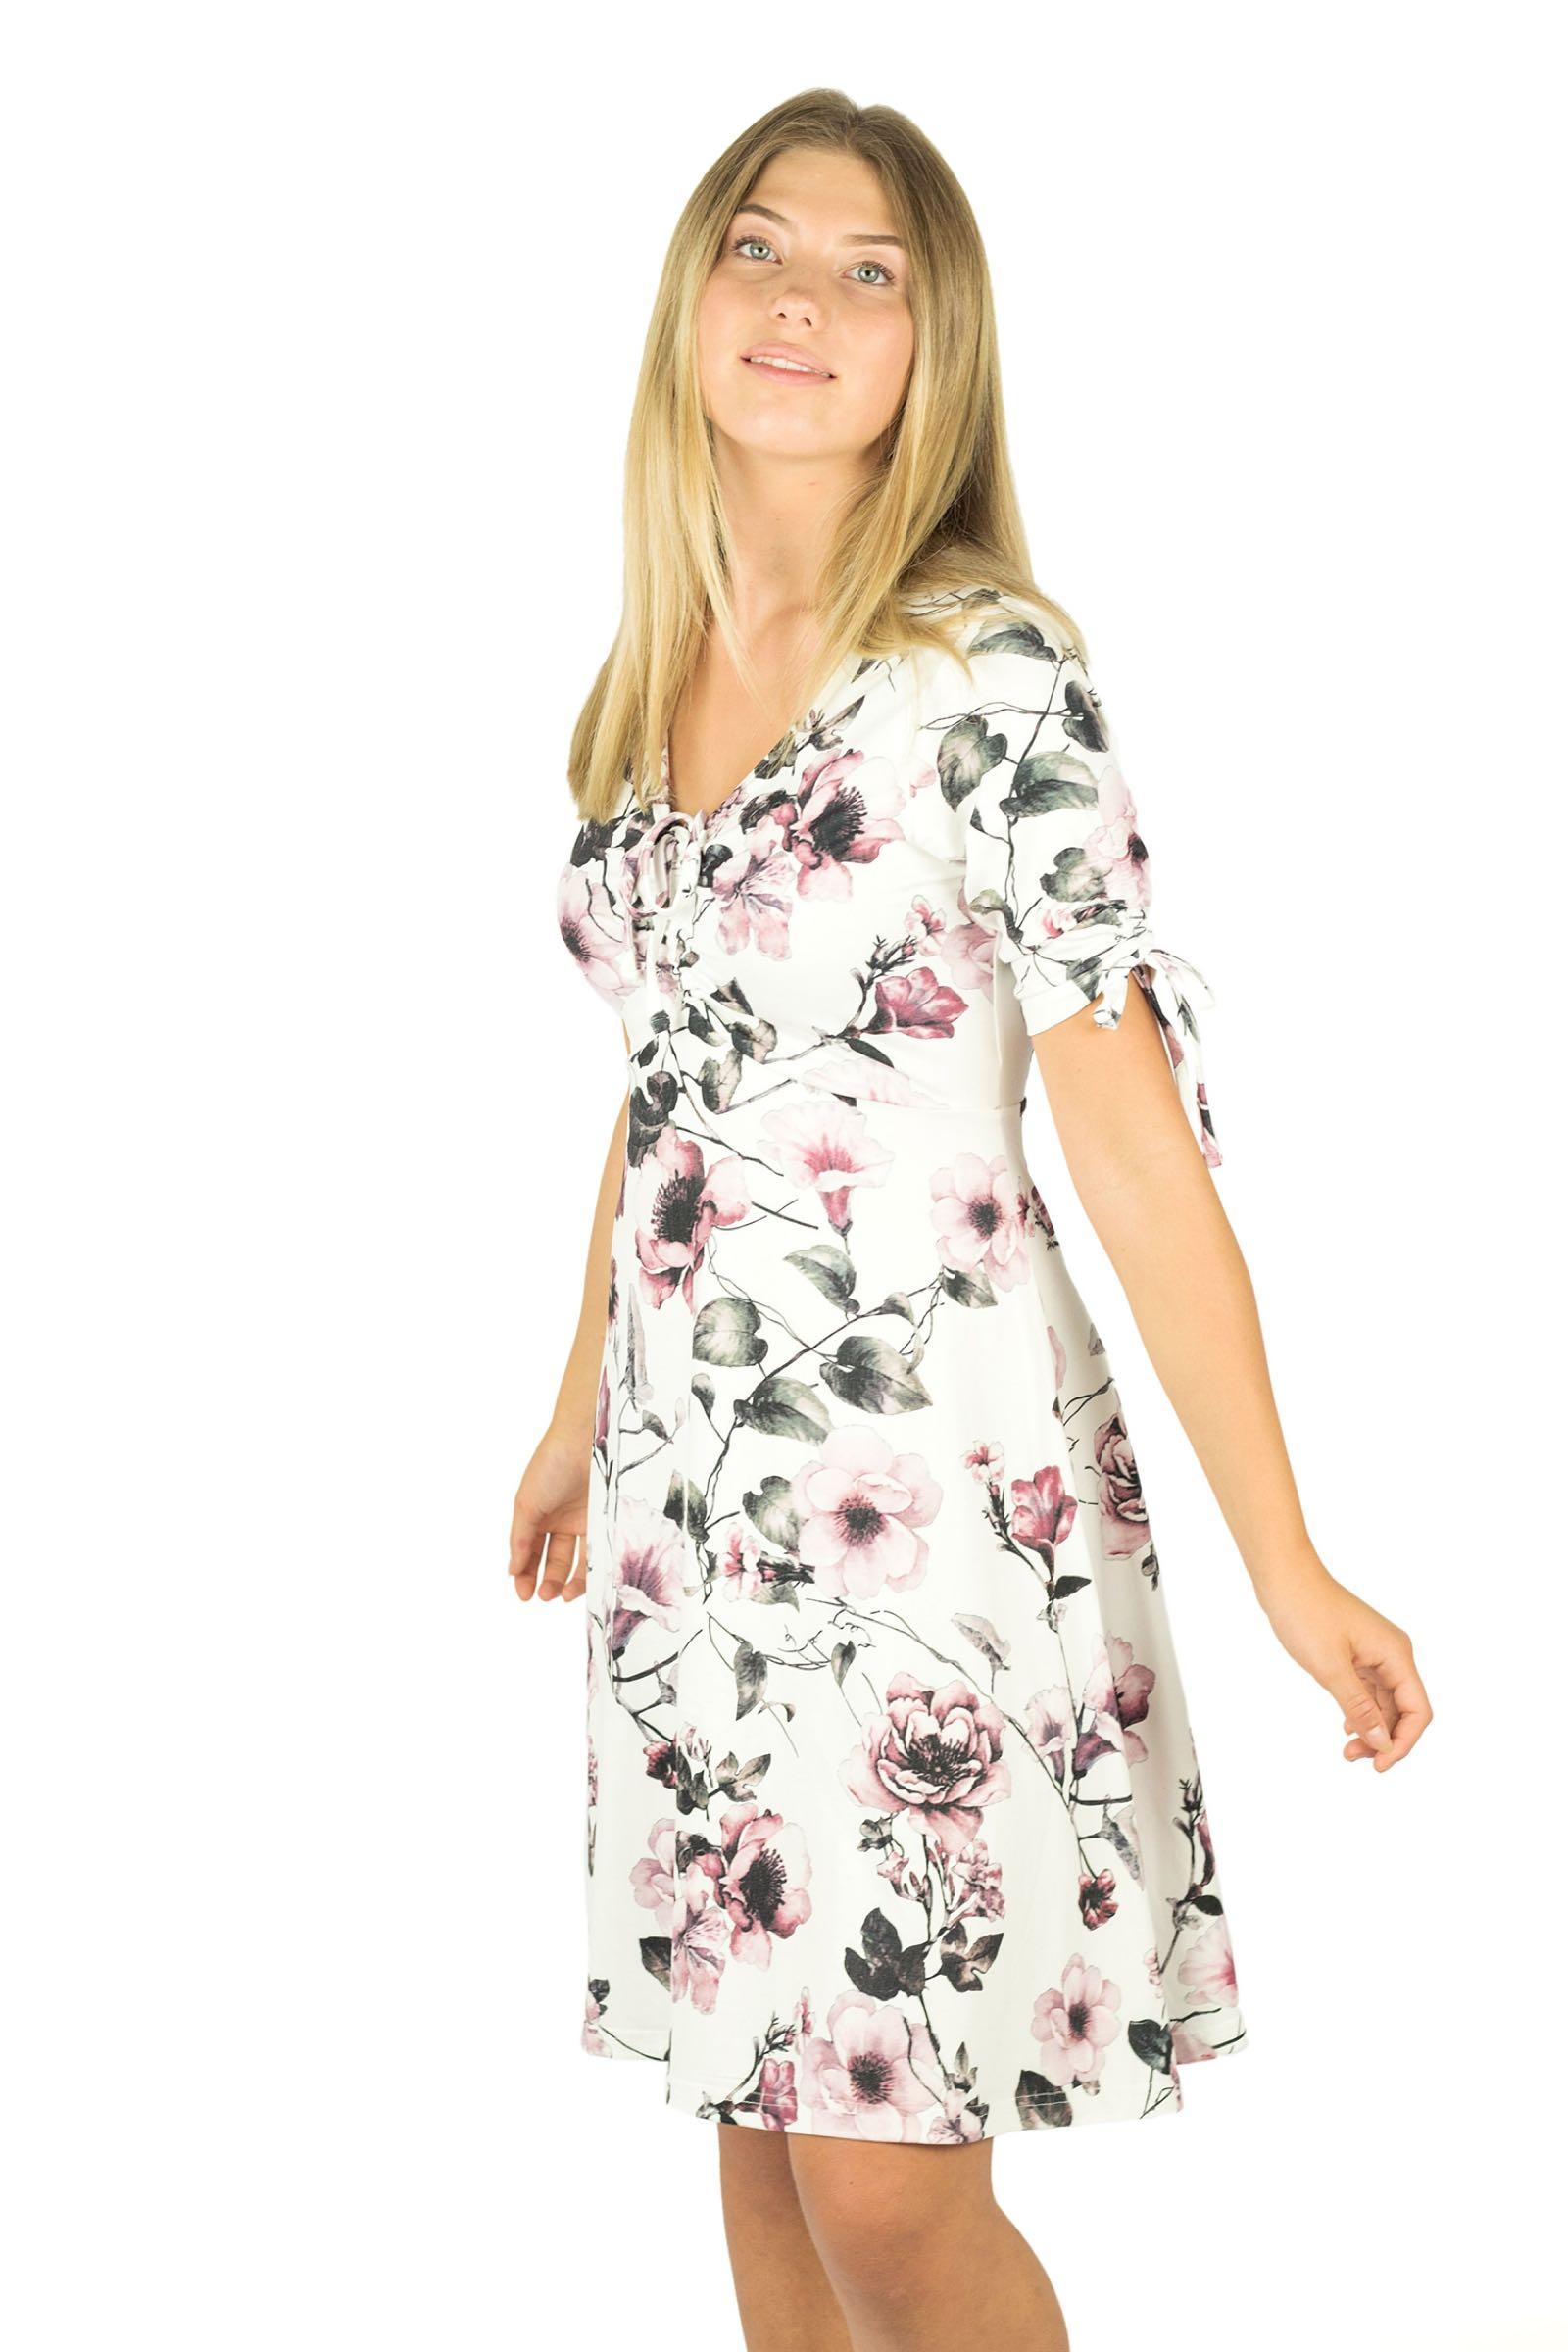 Hilma dress